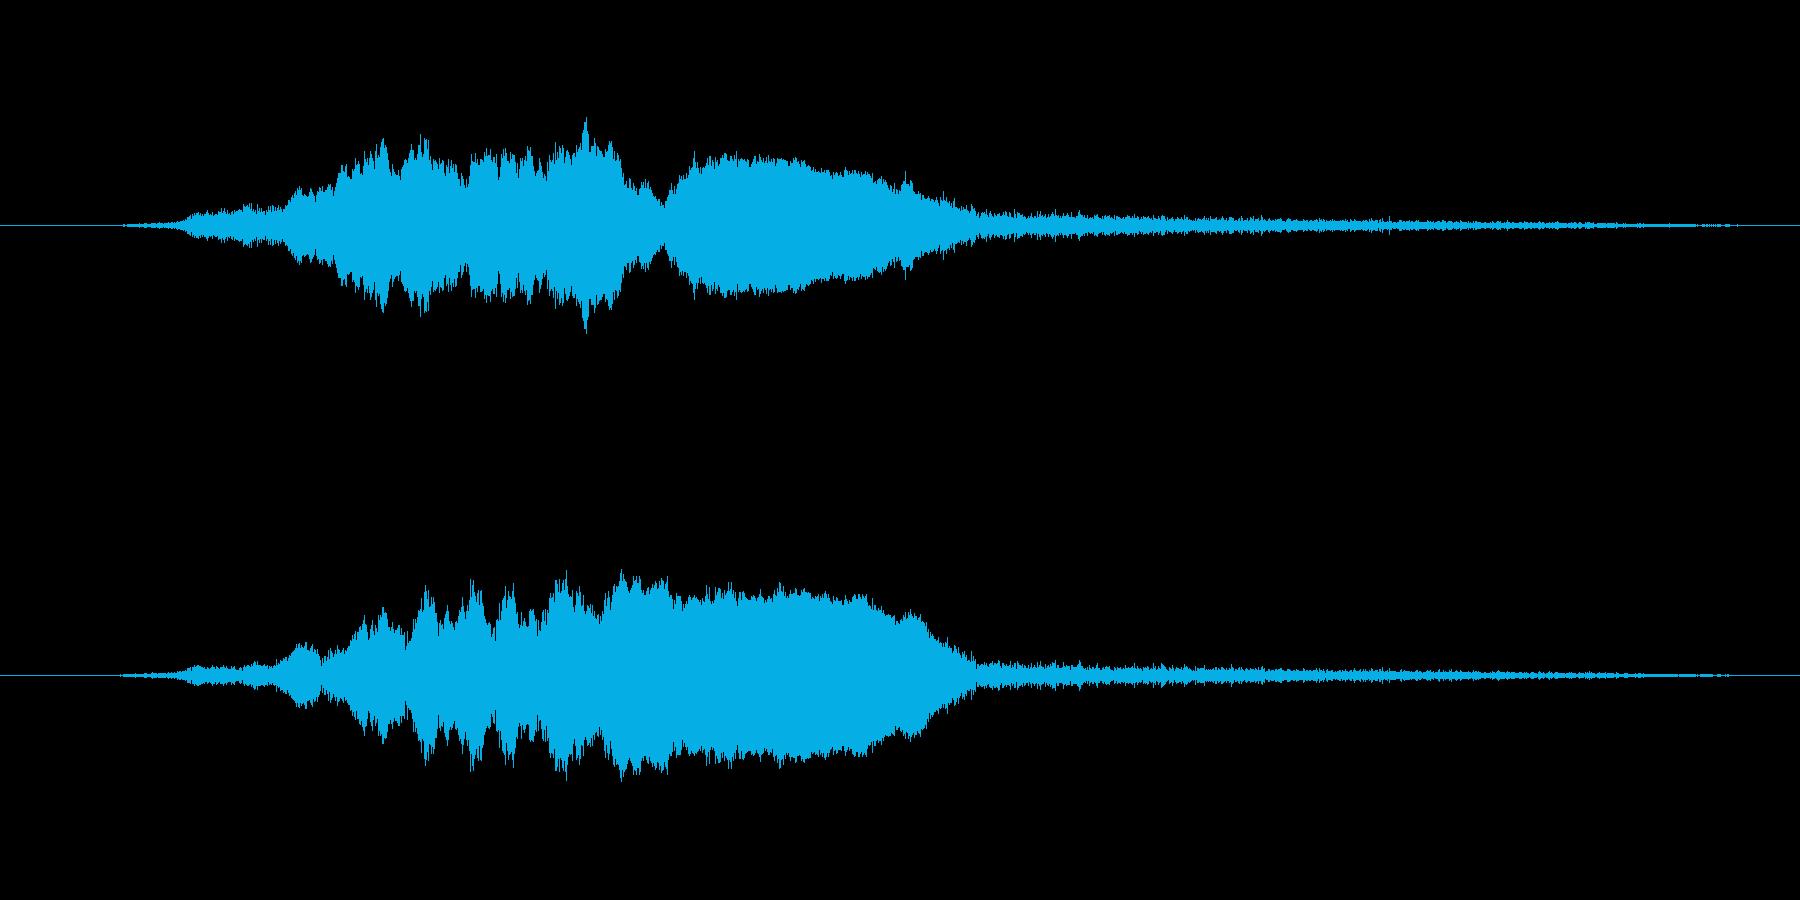 「ヒュイーン(コミカルな音)」の再生済みの波形